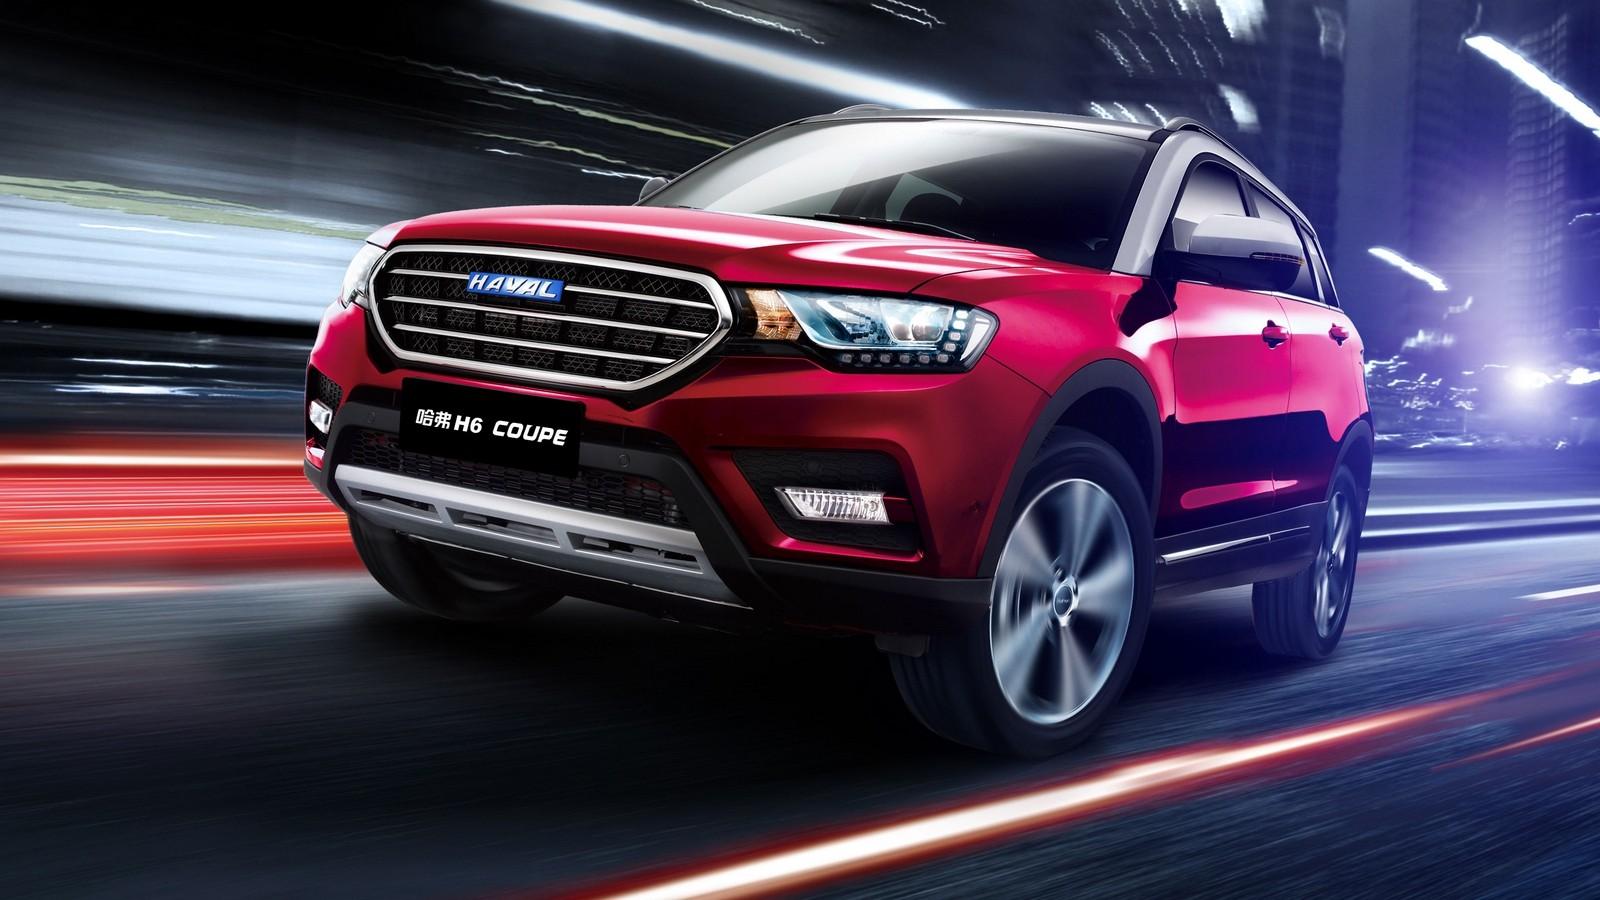 Haval H6 Coupe 2015 красный в движении